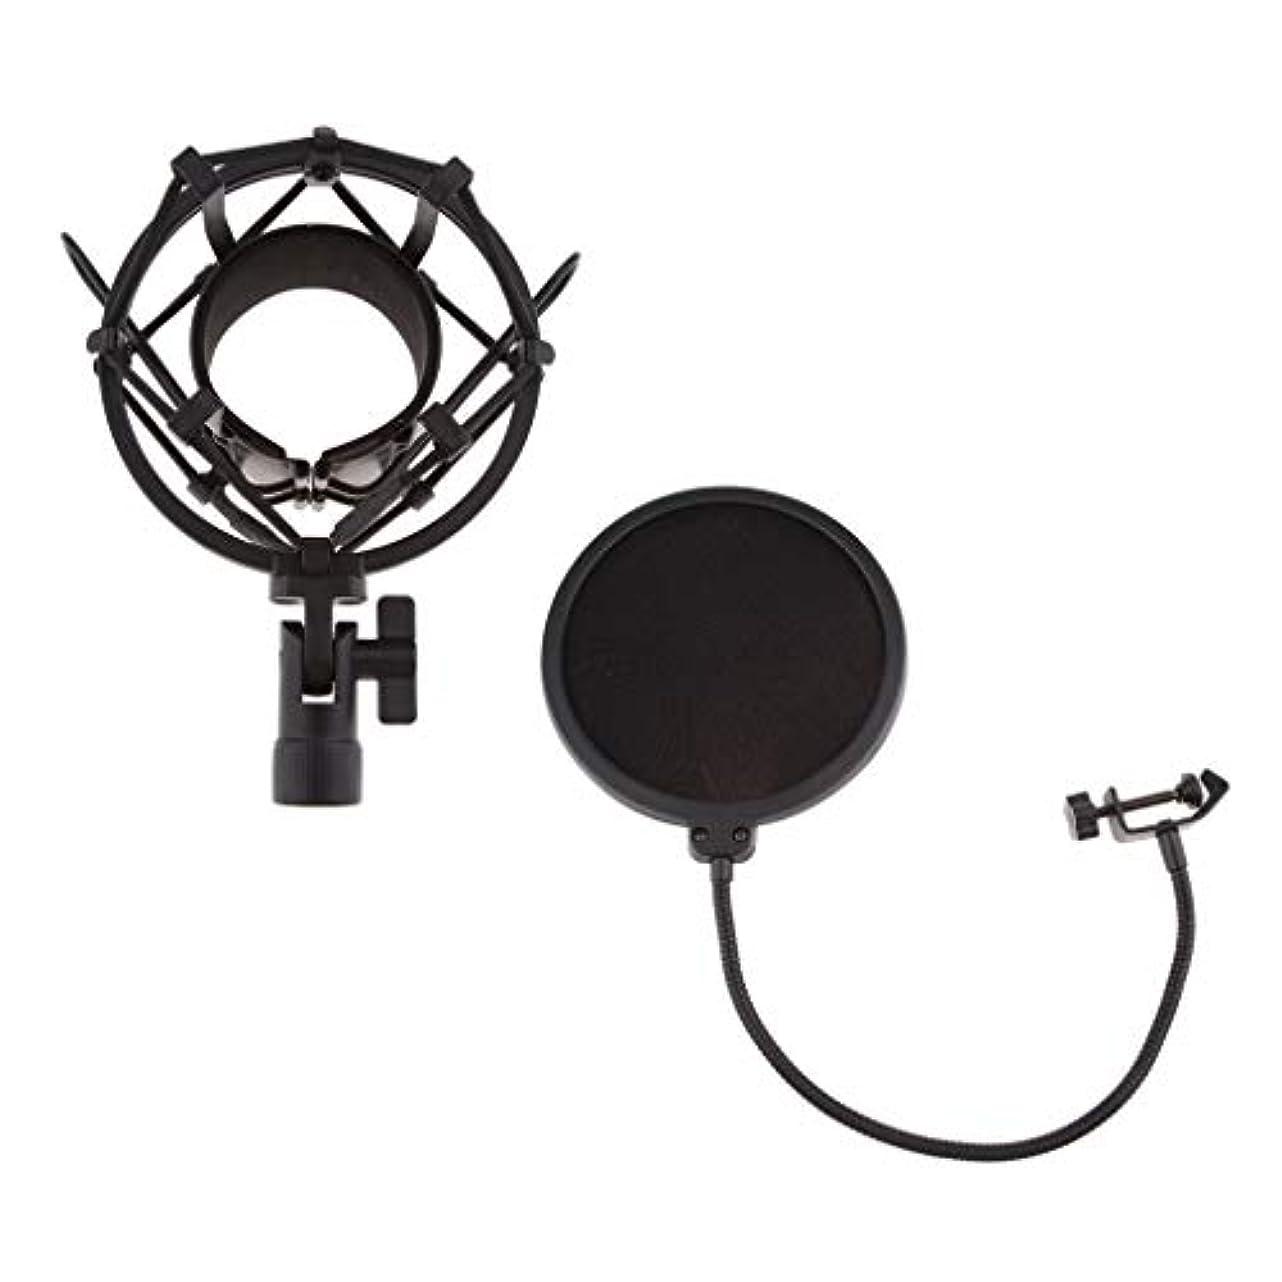 我慢する収縮縮れたKESOTO マイクショックマウント 振動防止 マイク三脚ネット 全2選択 - 直径5cm